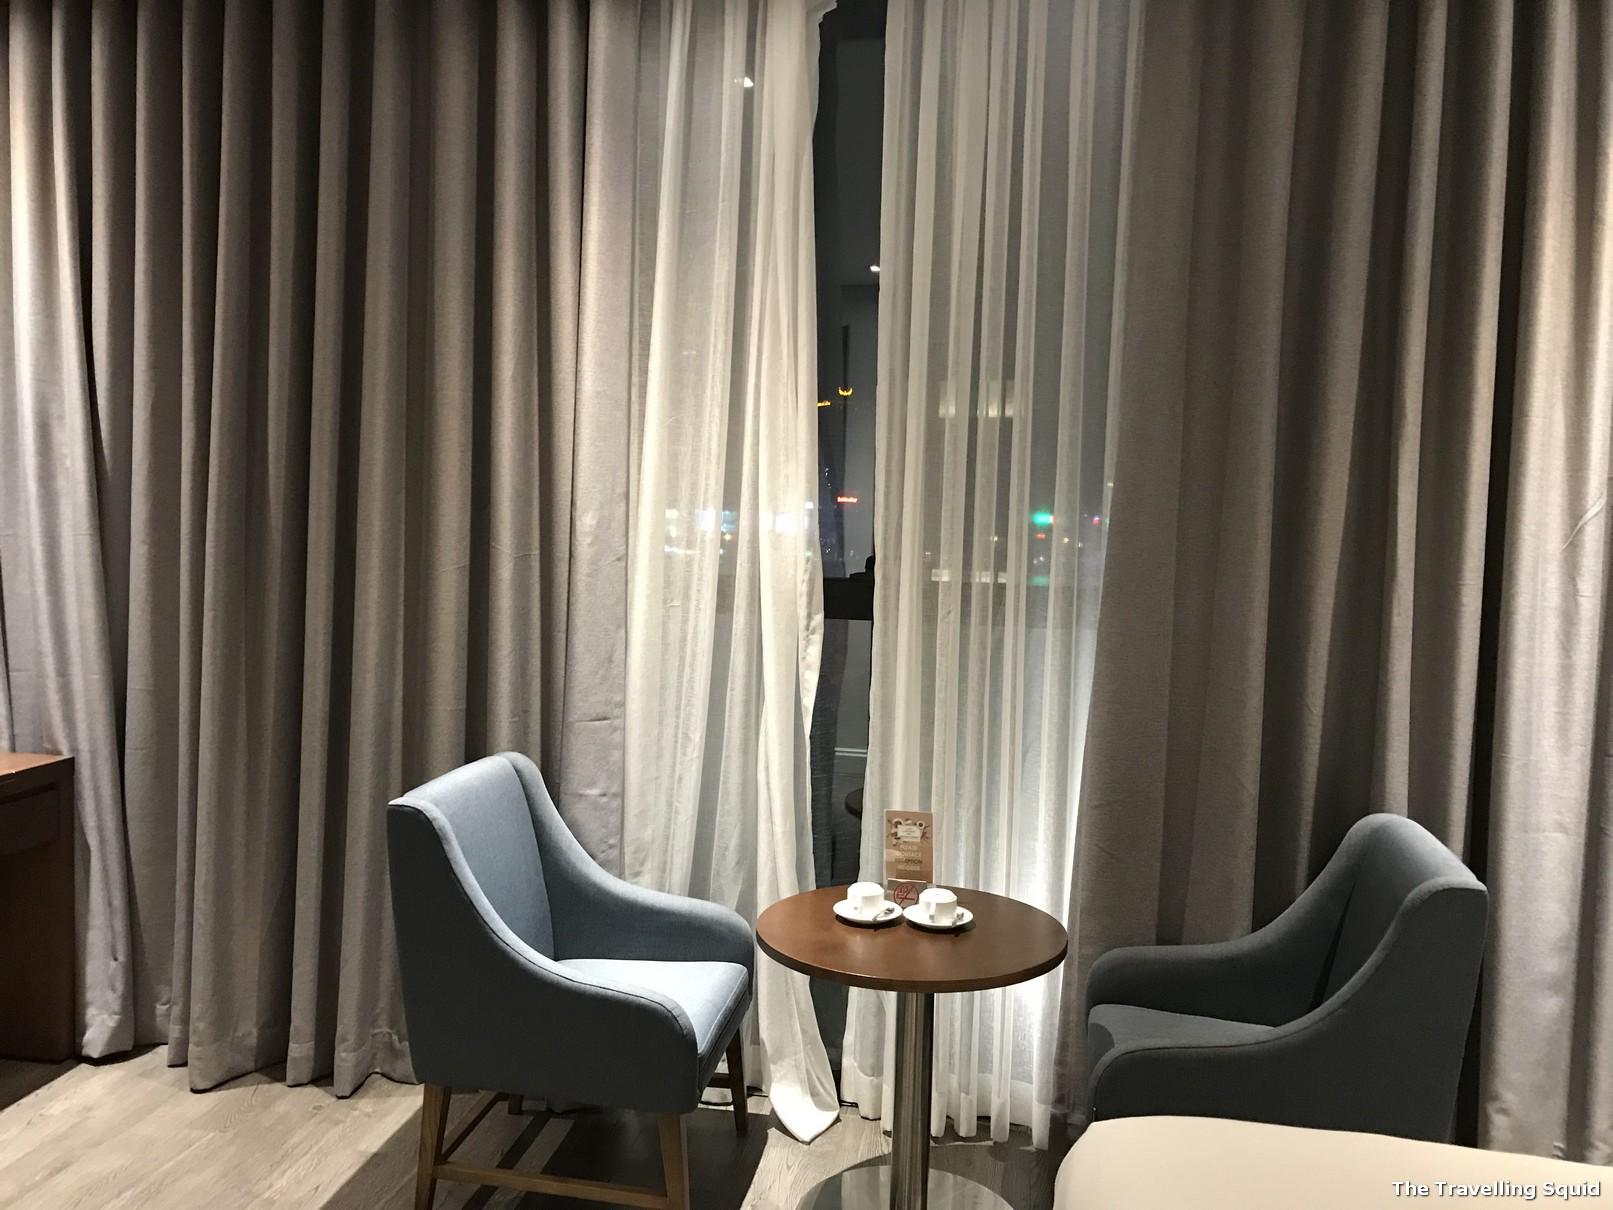 Review of Avora Hotel in Danang